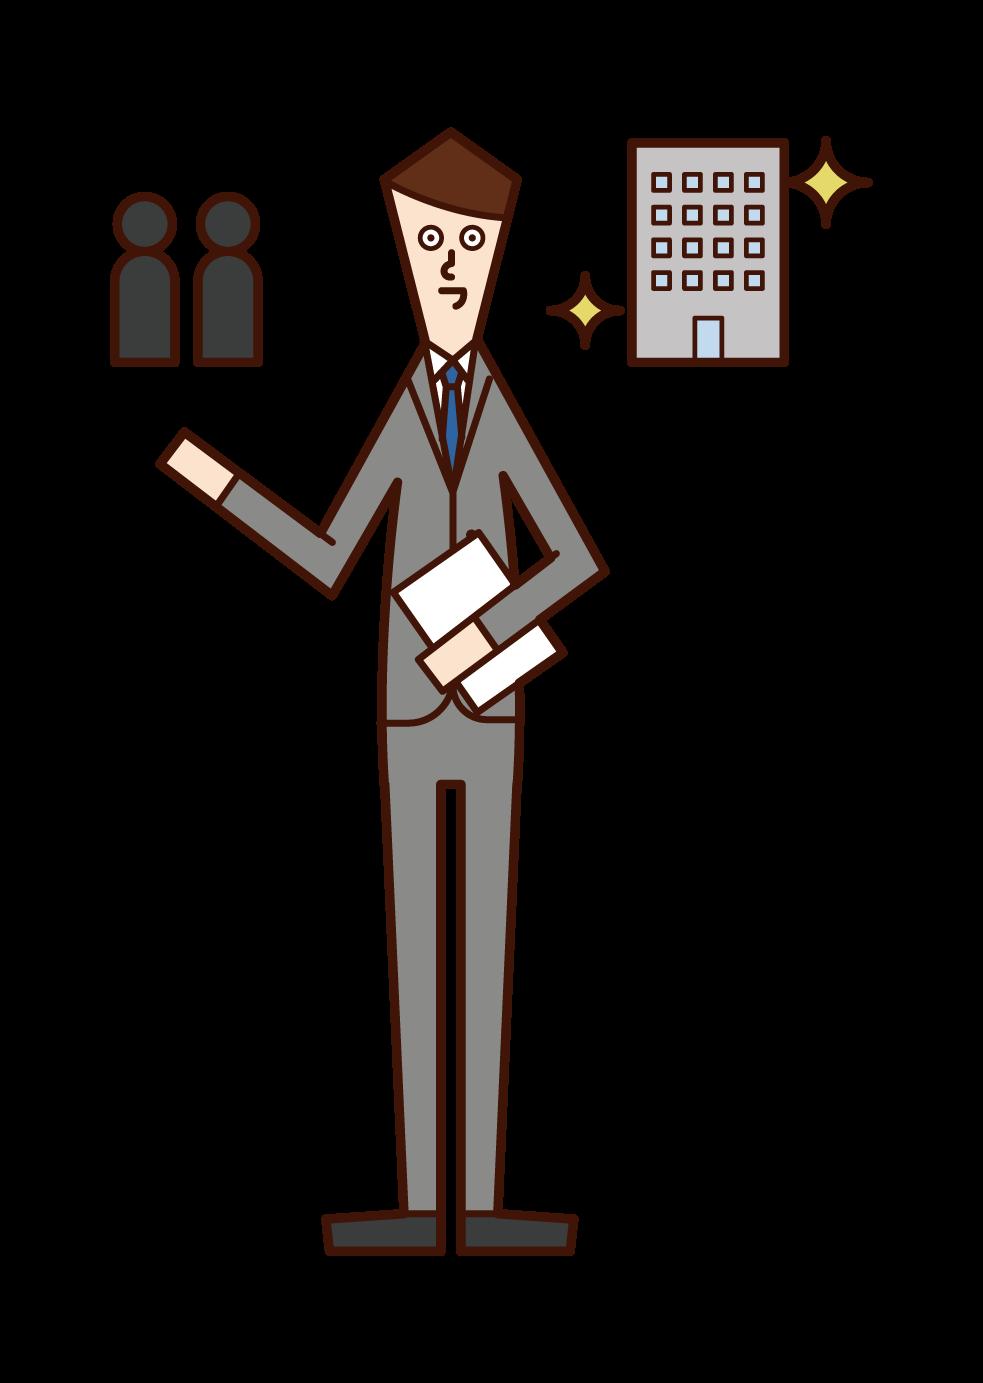 인적 자원 컨설턴트 및 인적 자원 코디네이터의 일러스트 (남성)